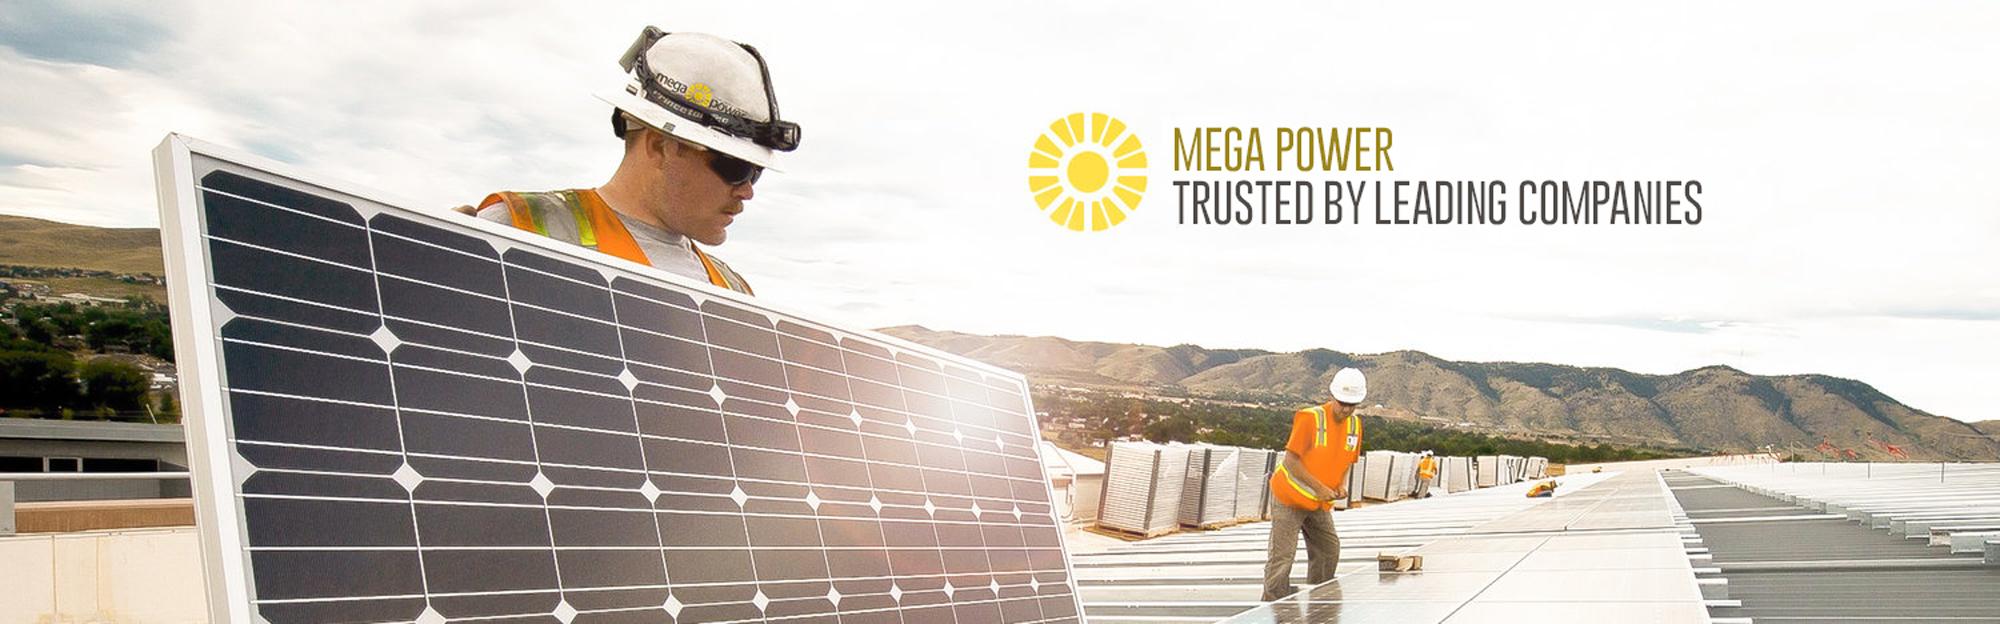 mega-power-banner-commercial.jpg